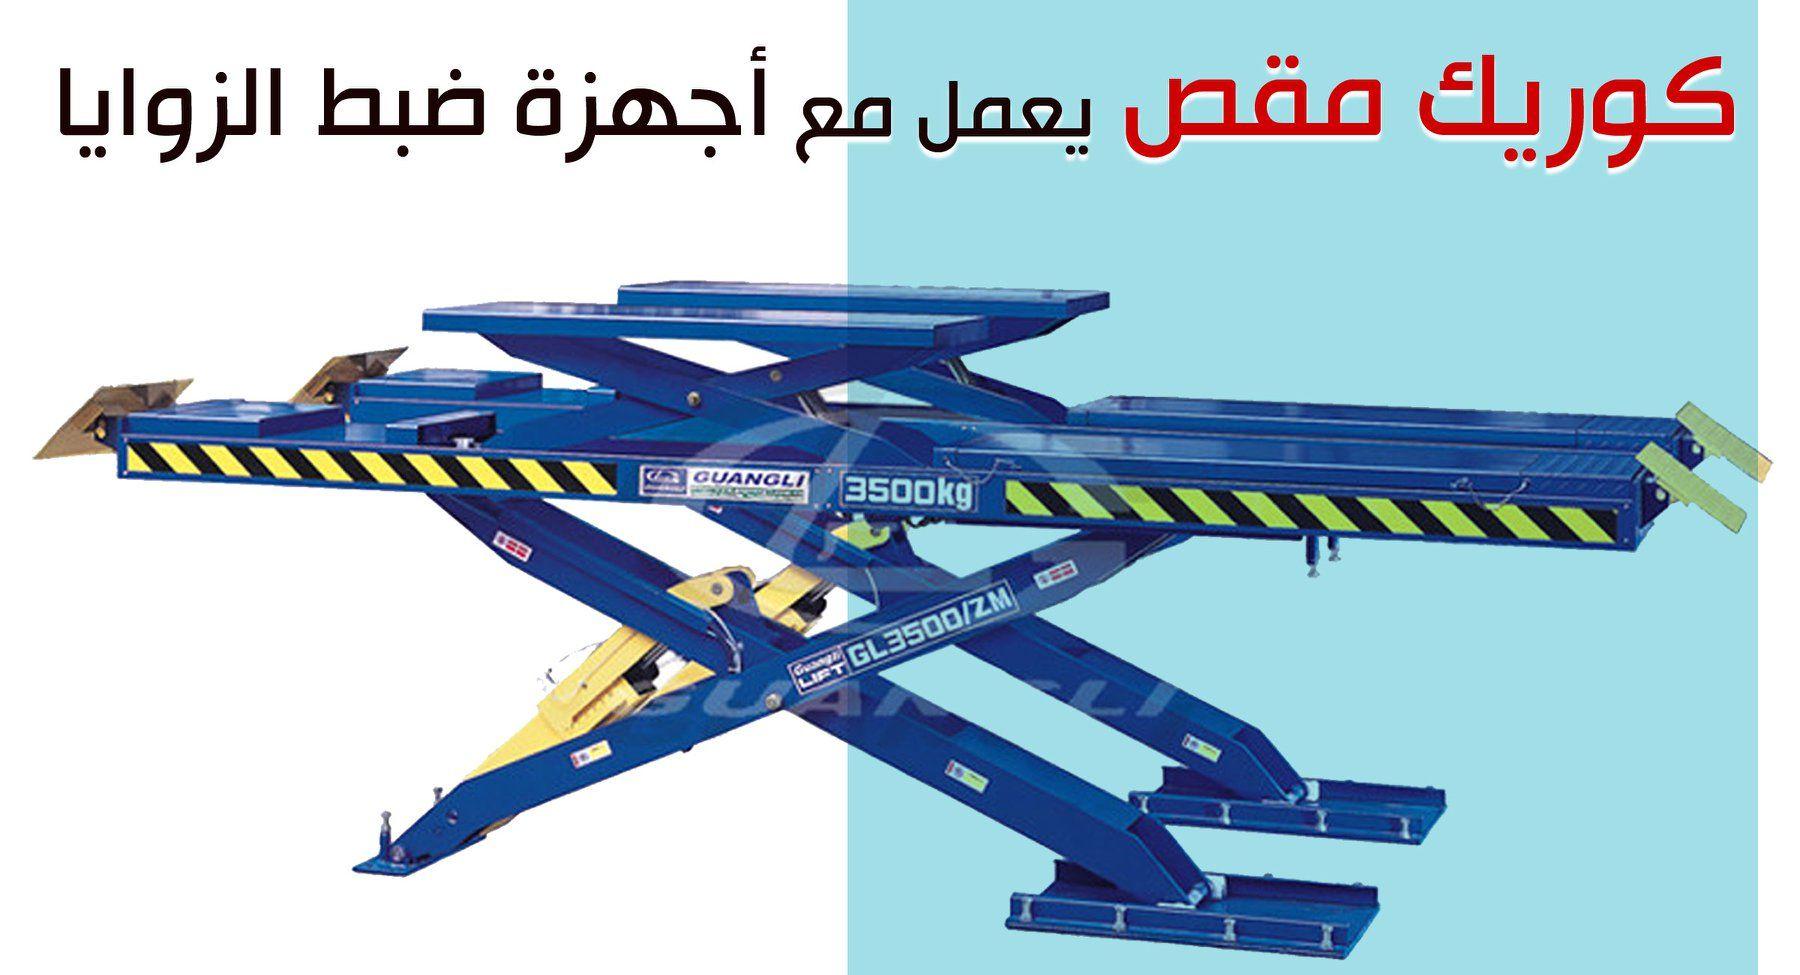 كوريك مقص مجهز للزوايا بكوريك مقص للمنتصف خصم 10 للحجز والاستفسار اتصل الآن 01018828219 ضمان Quadcopter Vehicles